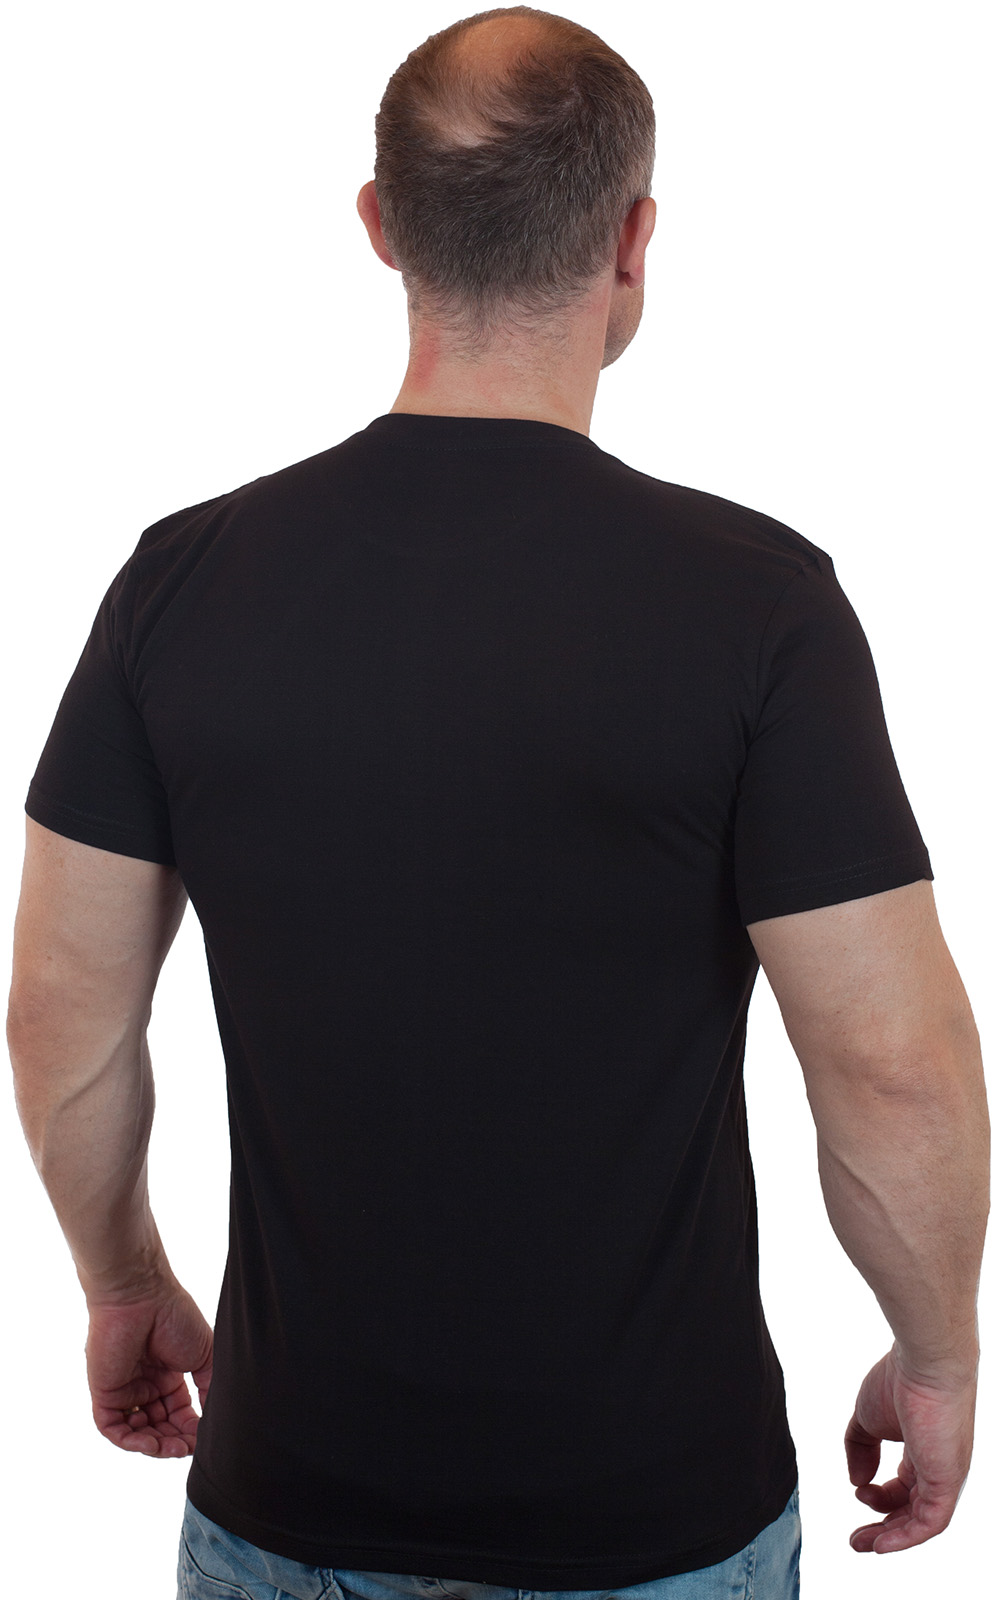 Стильная милитари футболка с вышитым шевроном Морчасти Погранвойск СССР - купить в подарок